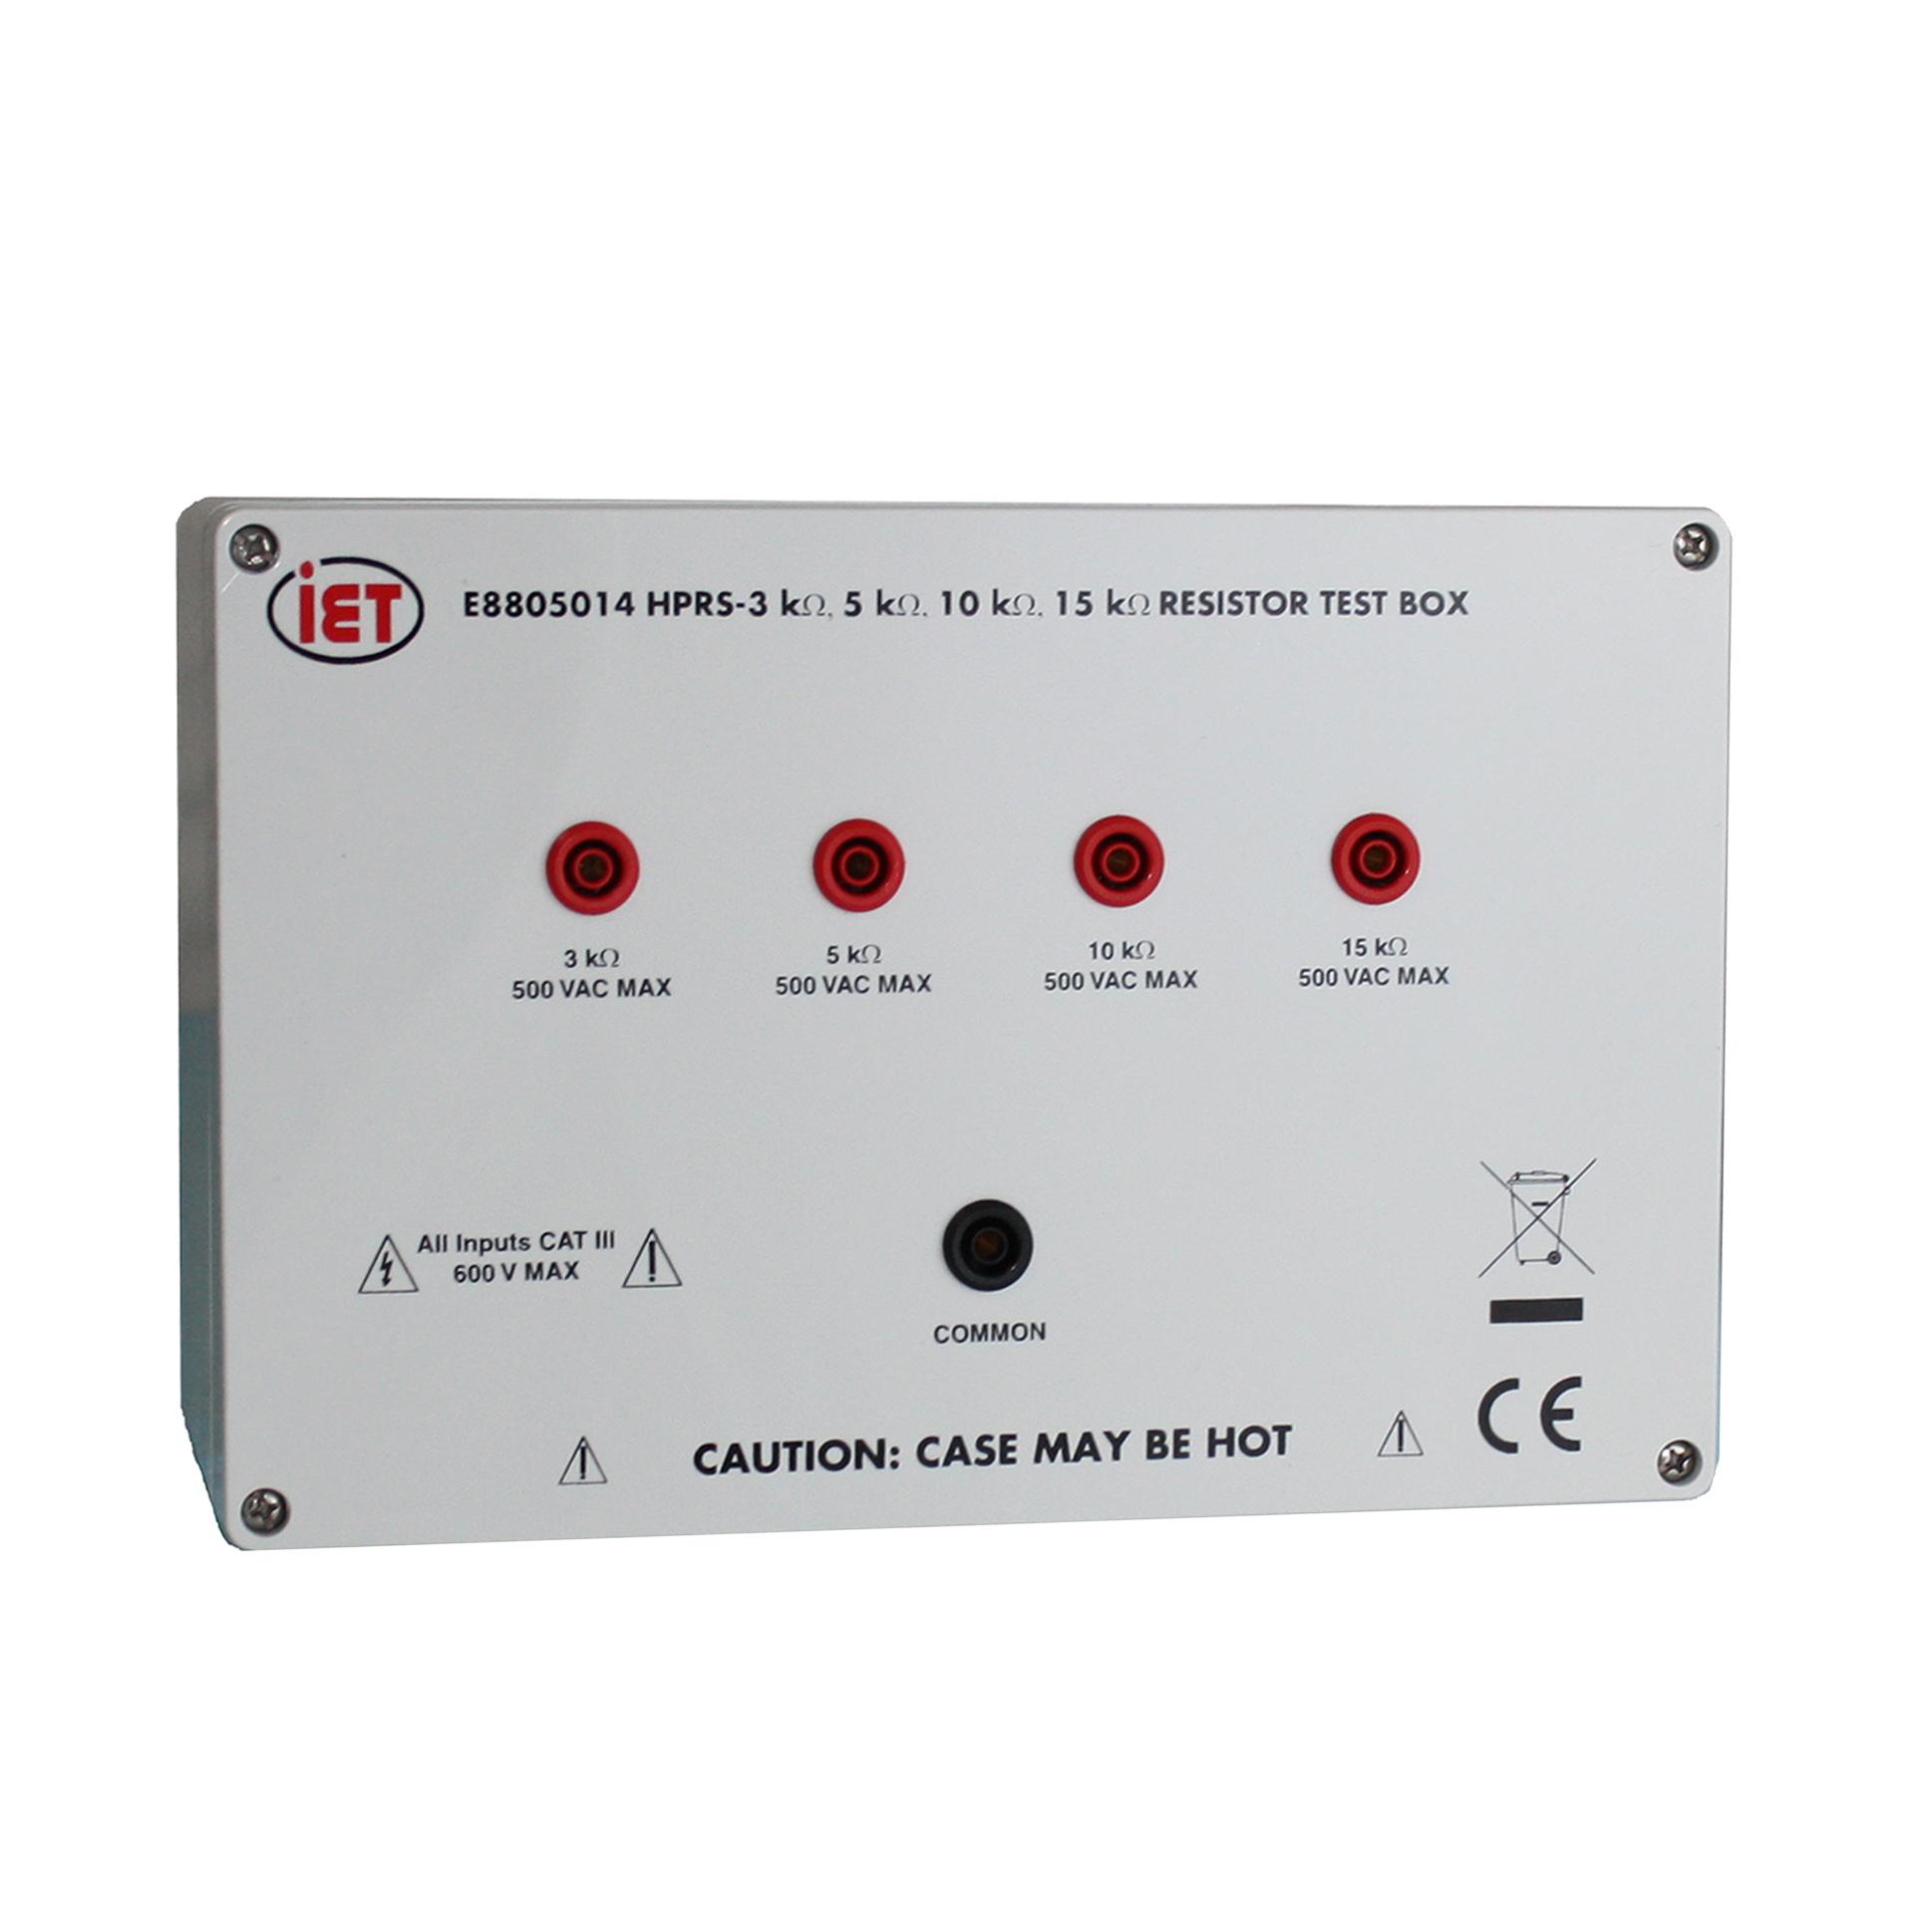 HPRS-E8805014.JPG